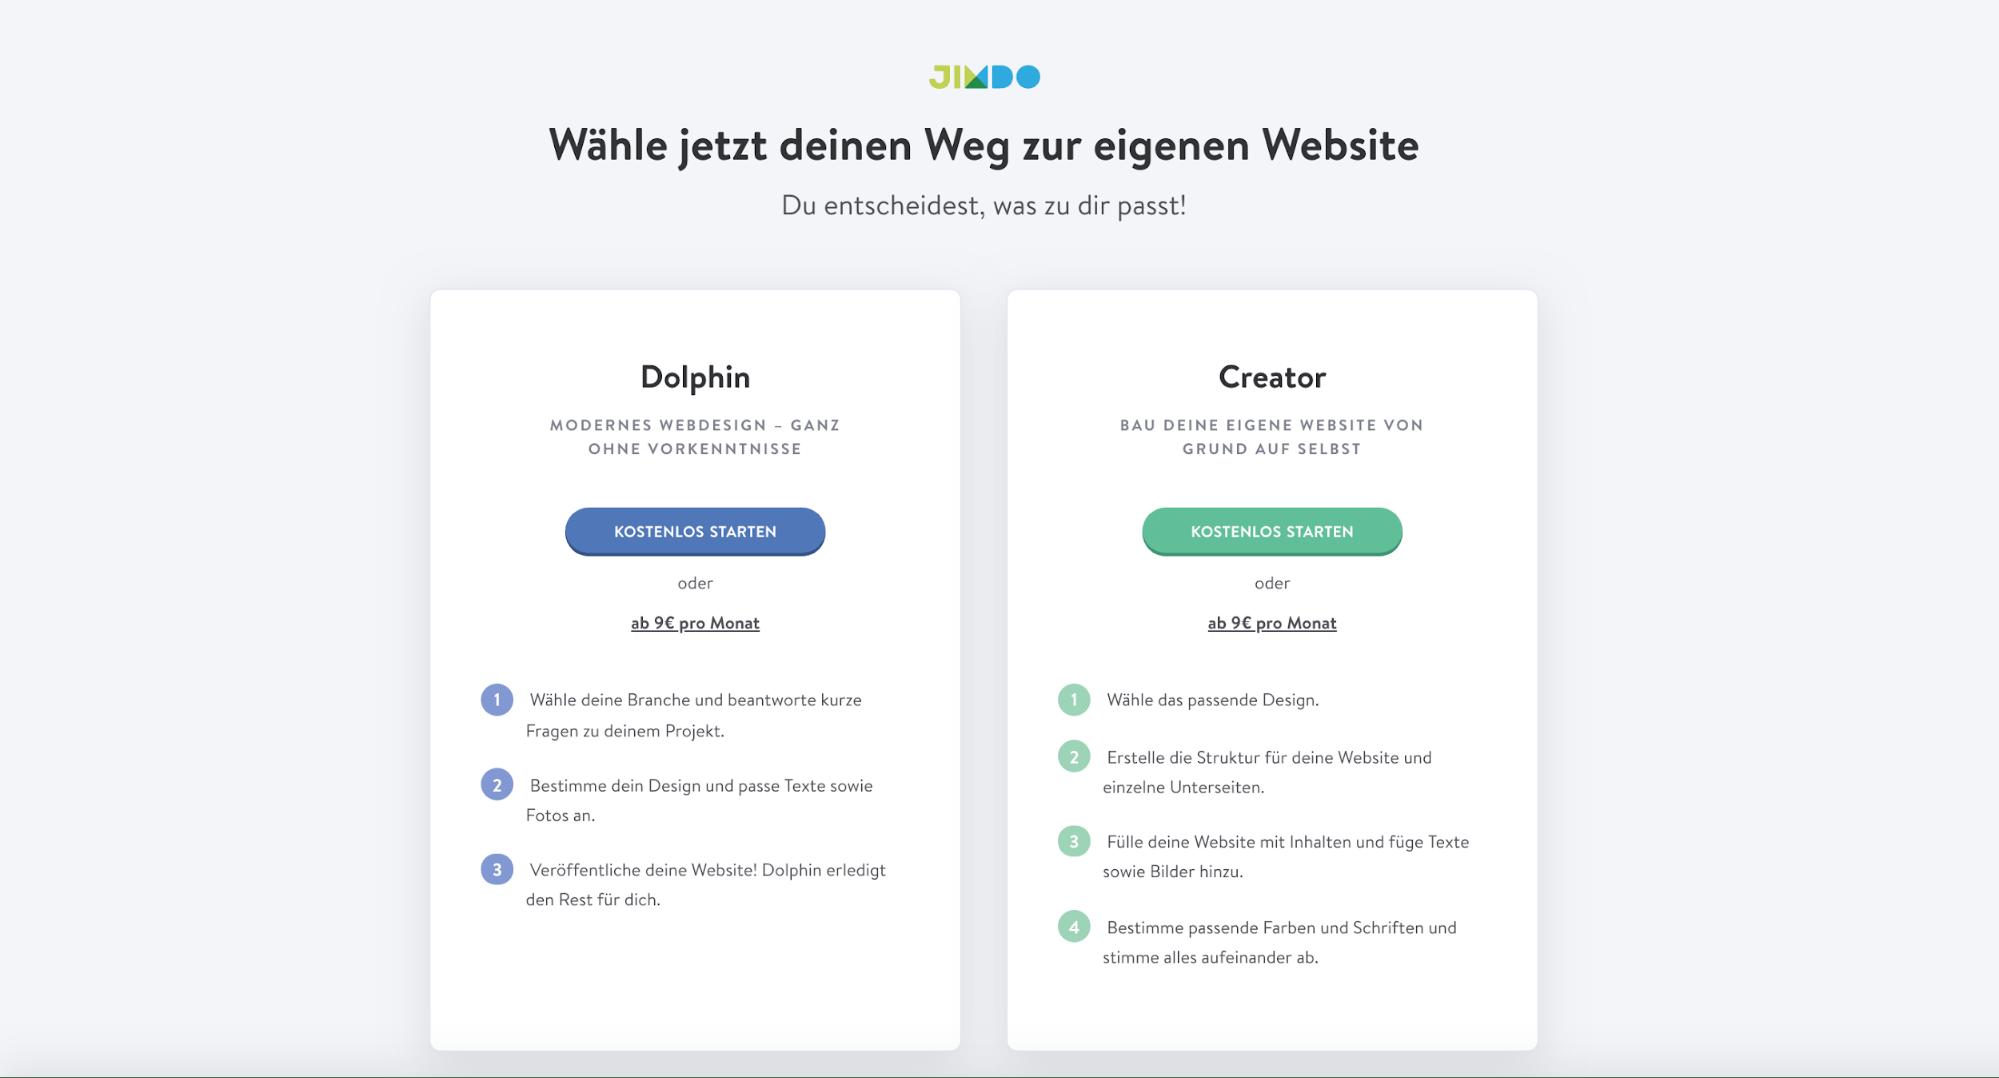 Kostenlose Website erstellen mit Jimdo - Schritt 1.1